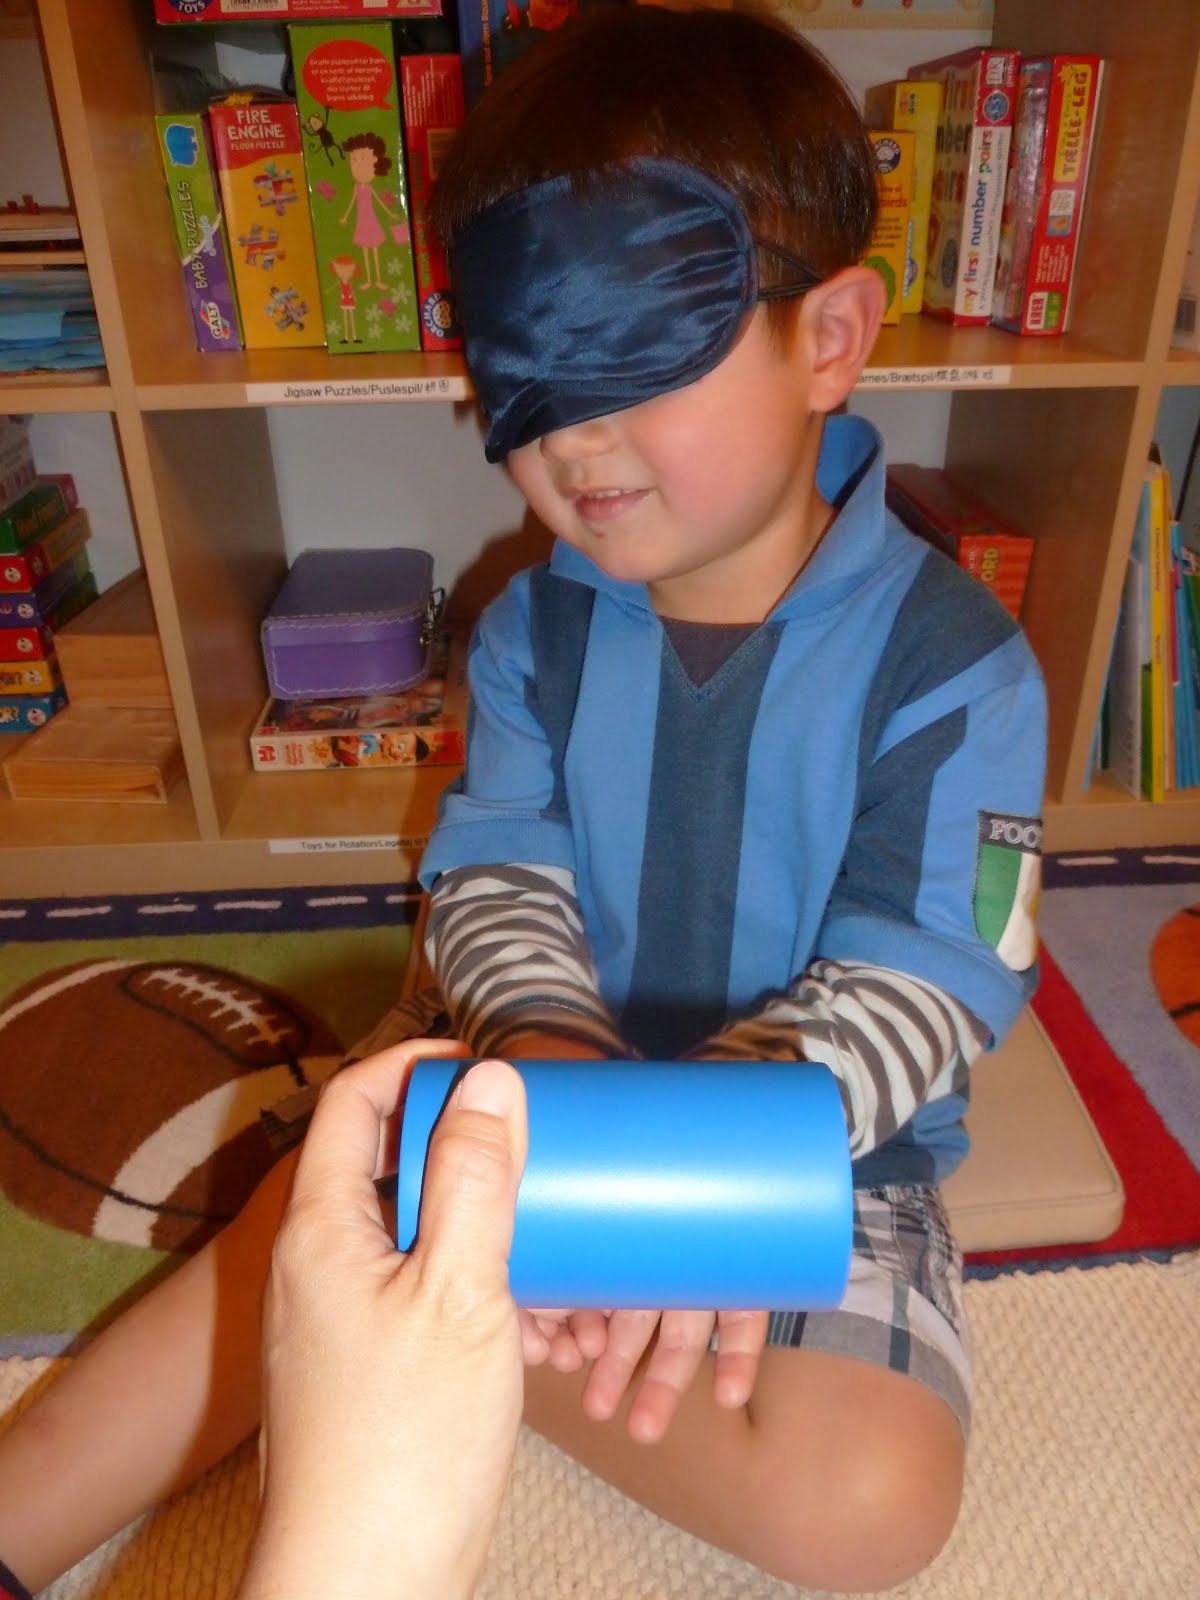 deviation montessori Les observations de maria montessori l'ont conduite à définir deux caractéristiques psychiques de l'enfant qu'elle appelle « l'esprit absorbant » et les « périodes sensibles .